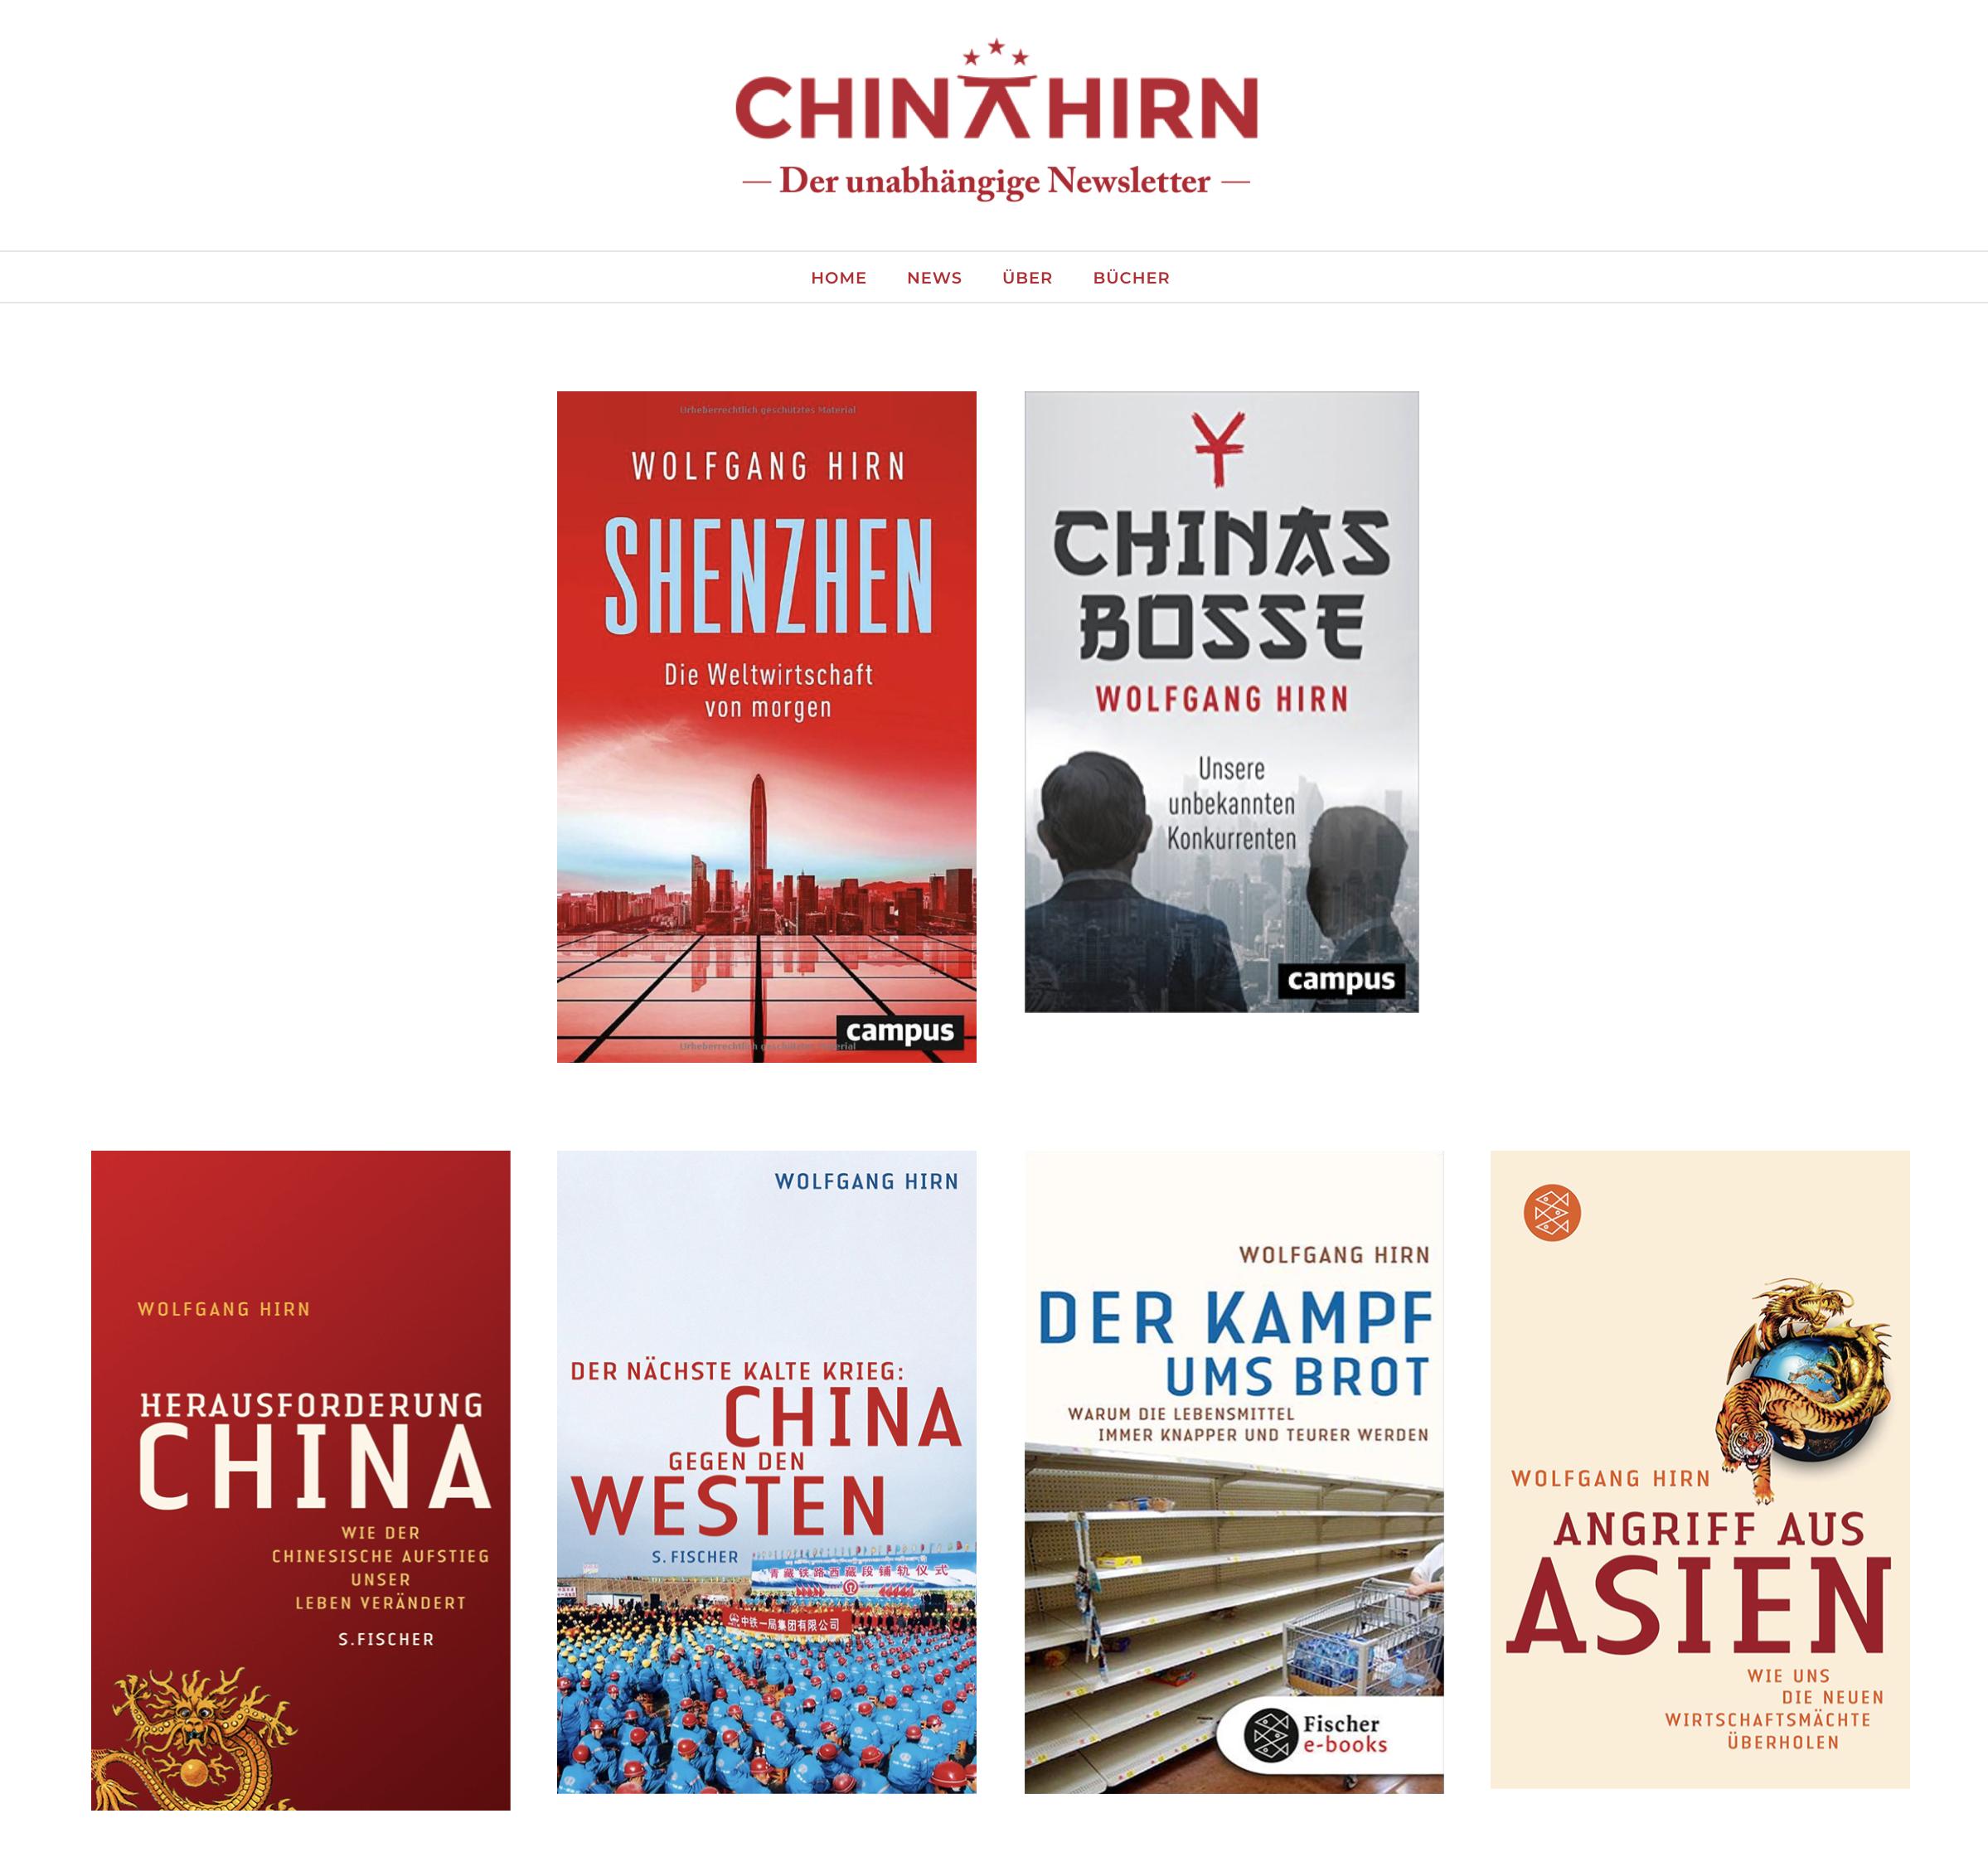 CHINAHIRN der unabhaengige Newsletter publikationen chinas bosse